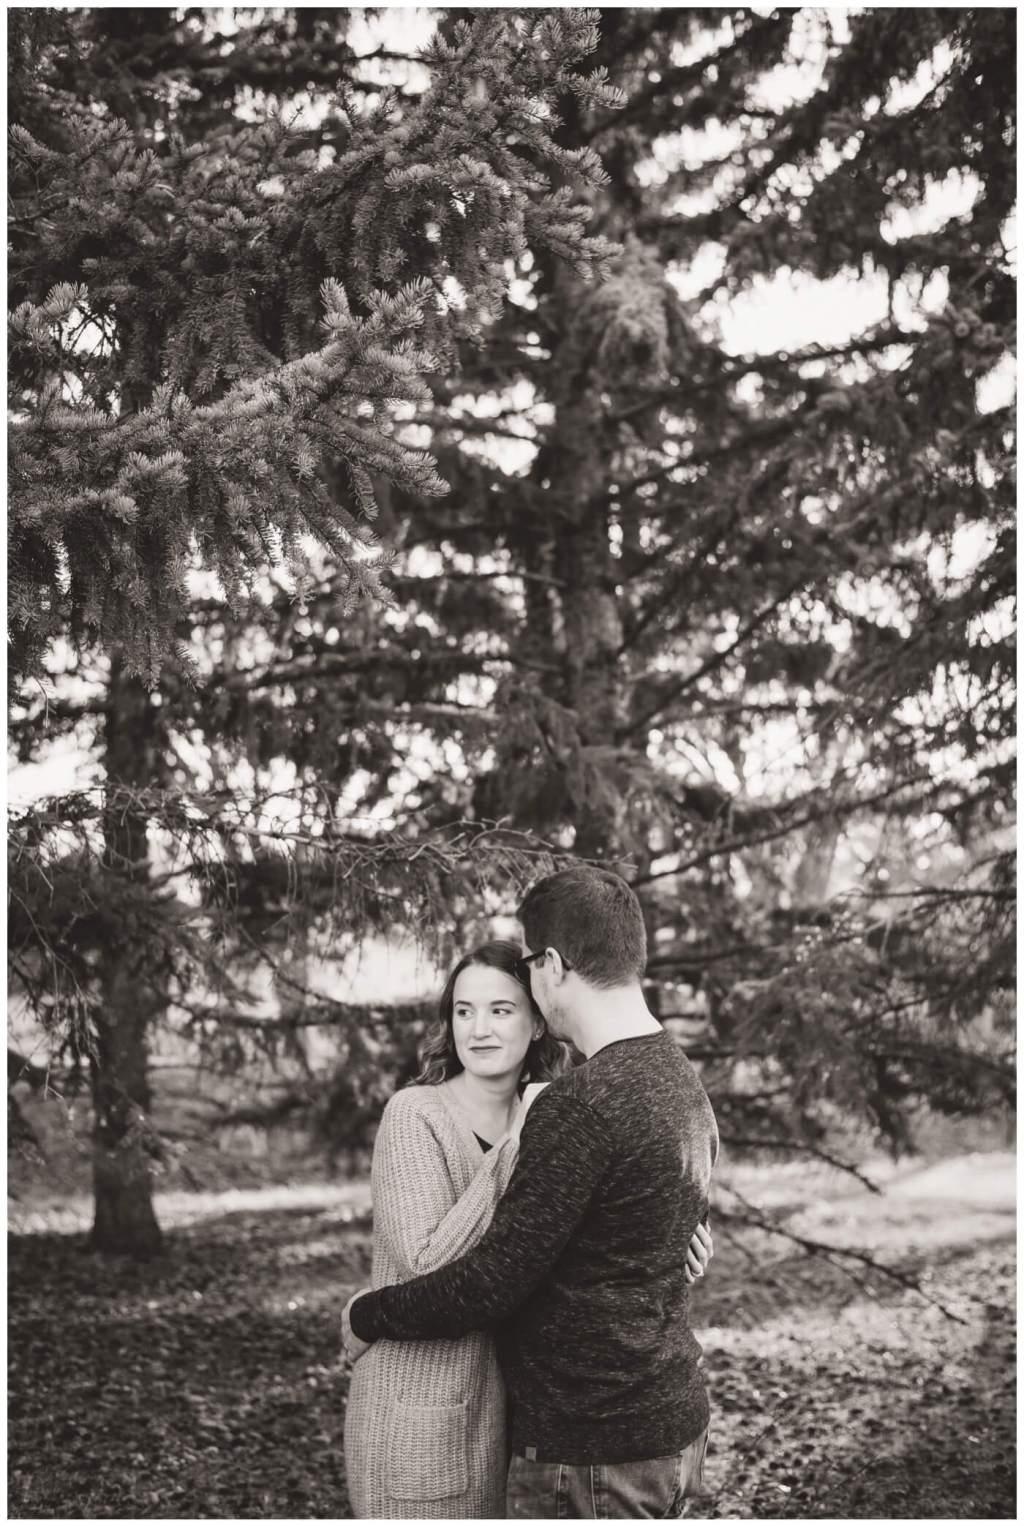 Regina Family Photographer - Teala-Jarrett - Fall Family Session - Les Sherman Park